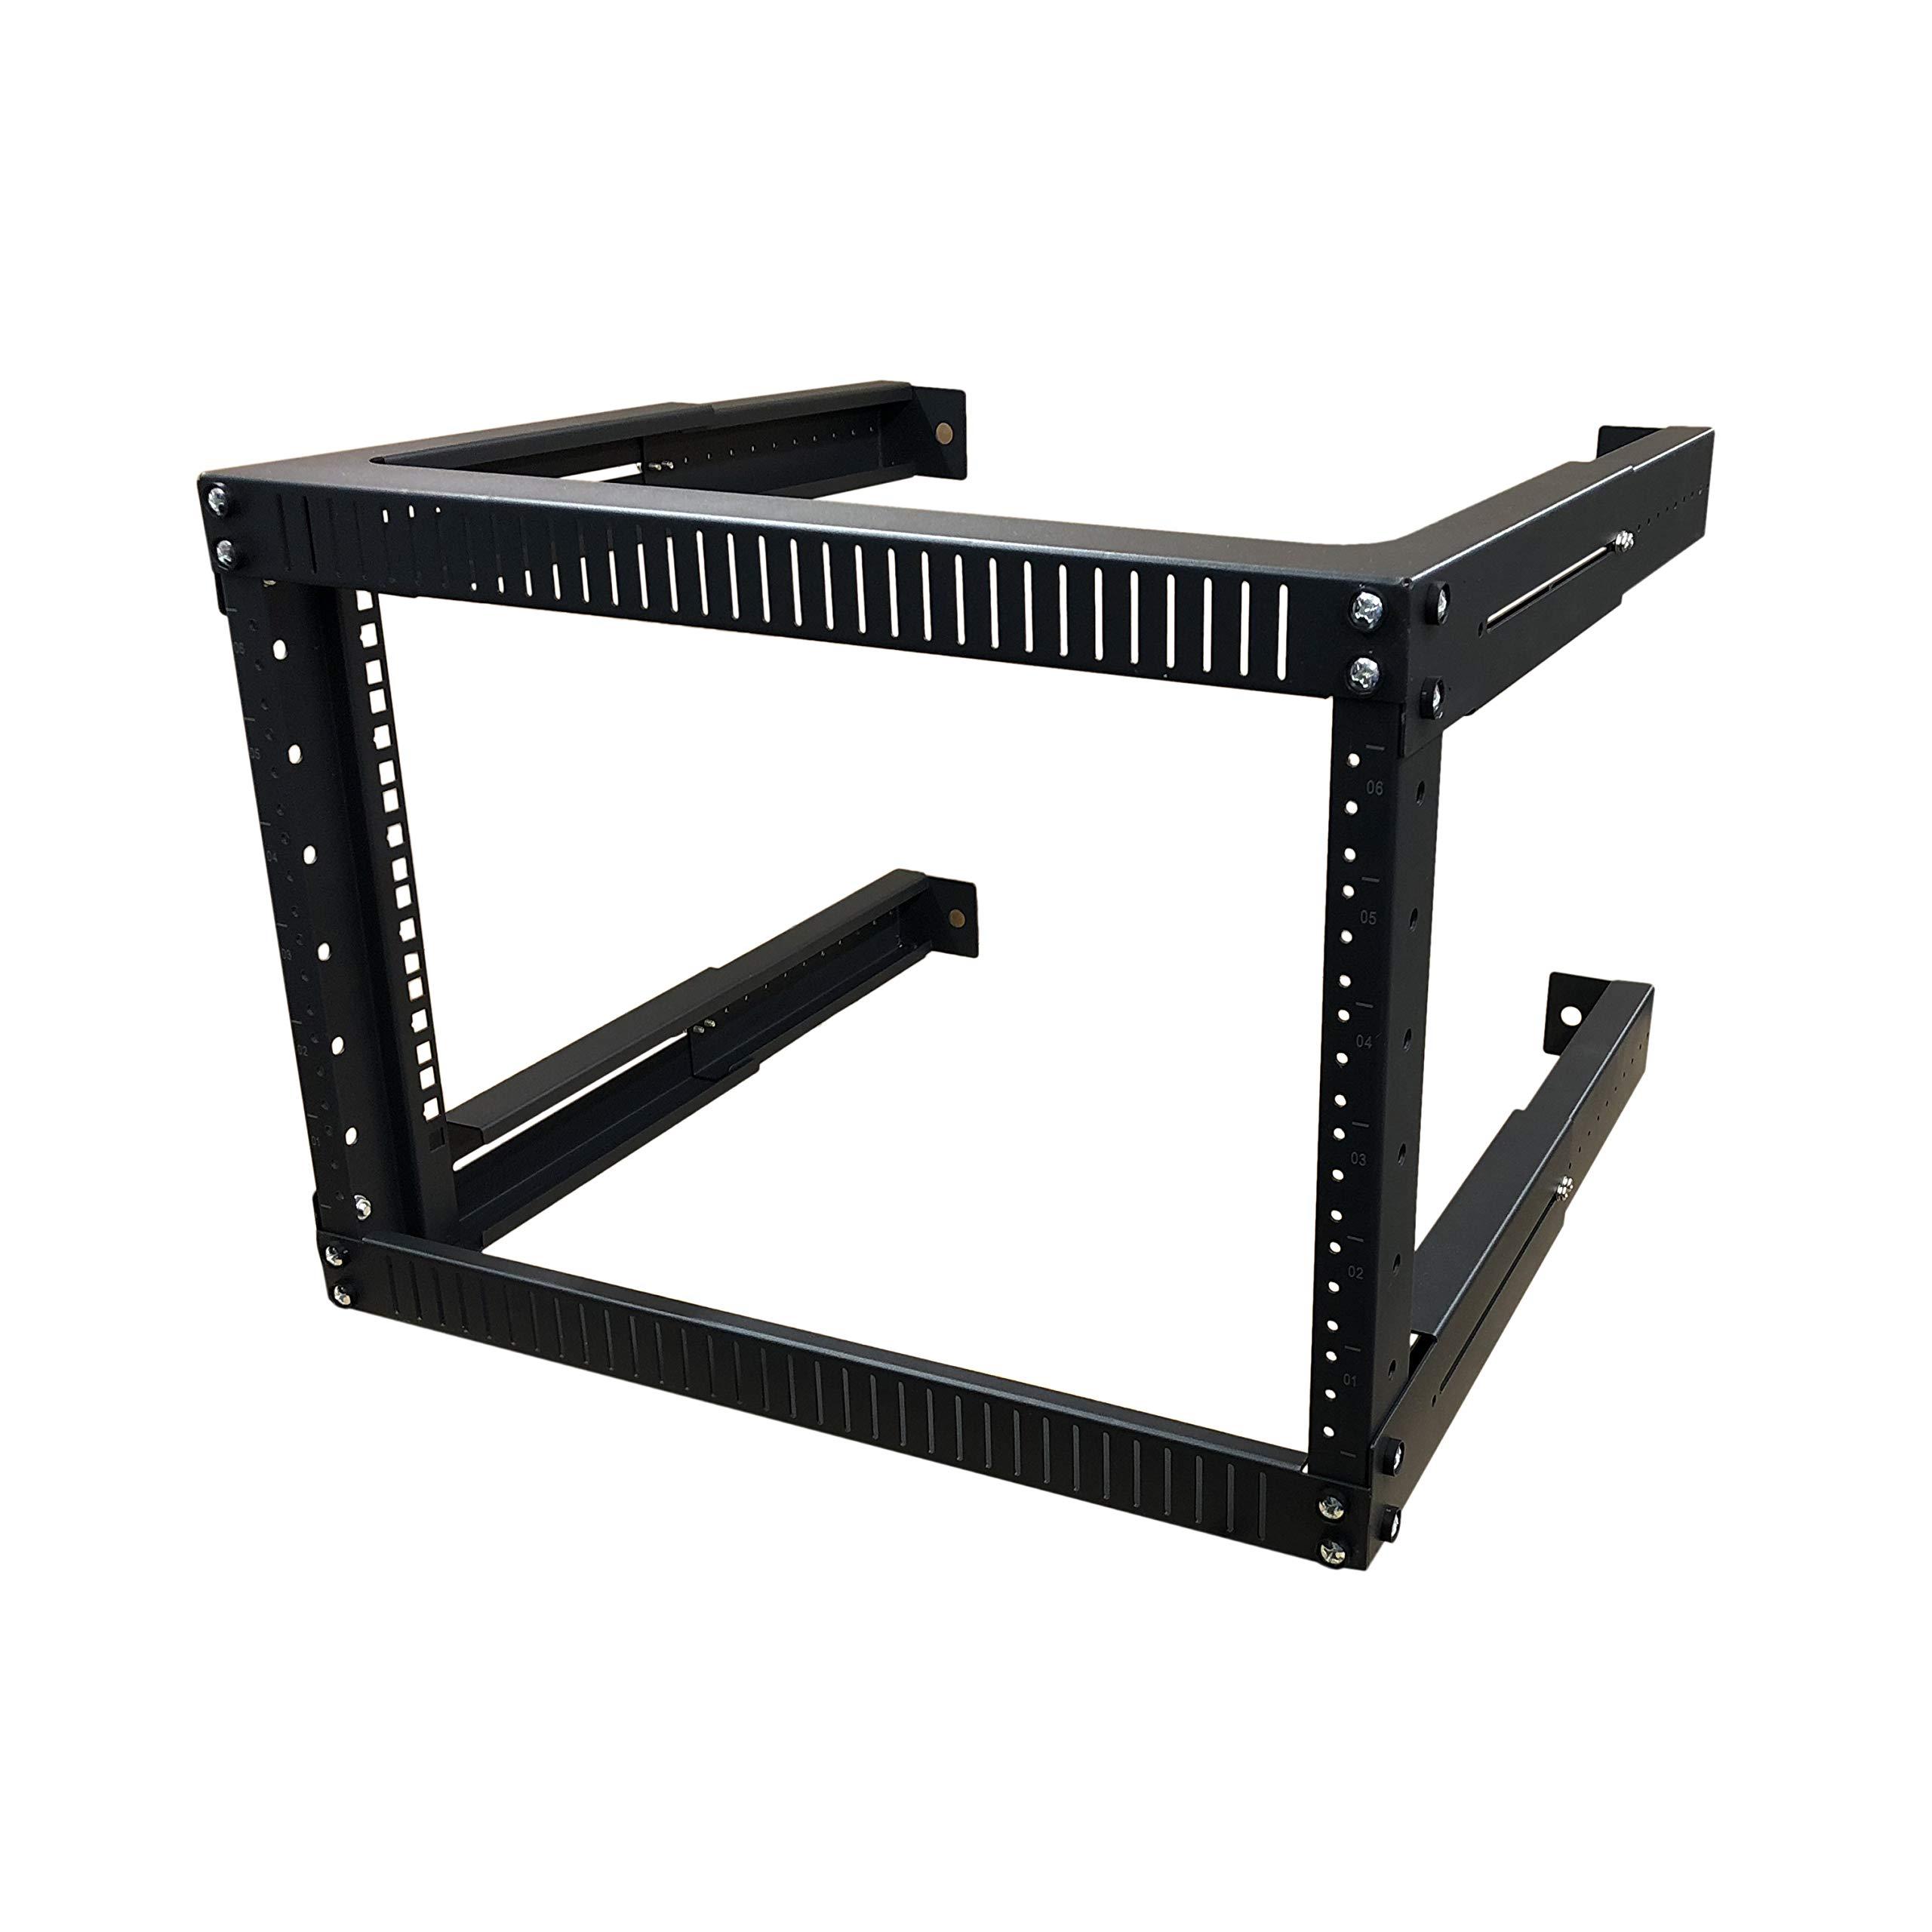 Kenuco 18U Adjustable Depth Wall Mount Open Frame Steel Network Equipment Rack 17.75 Inch Deep